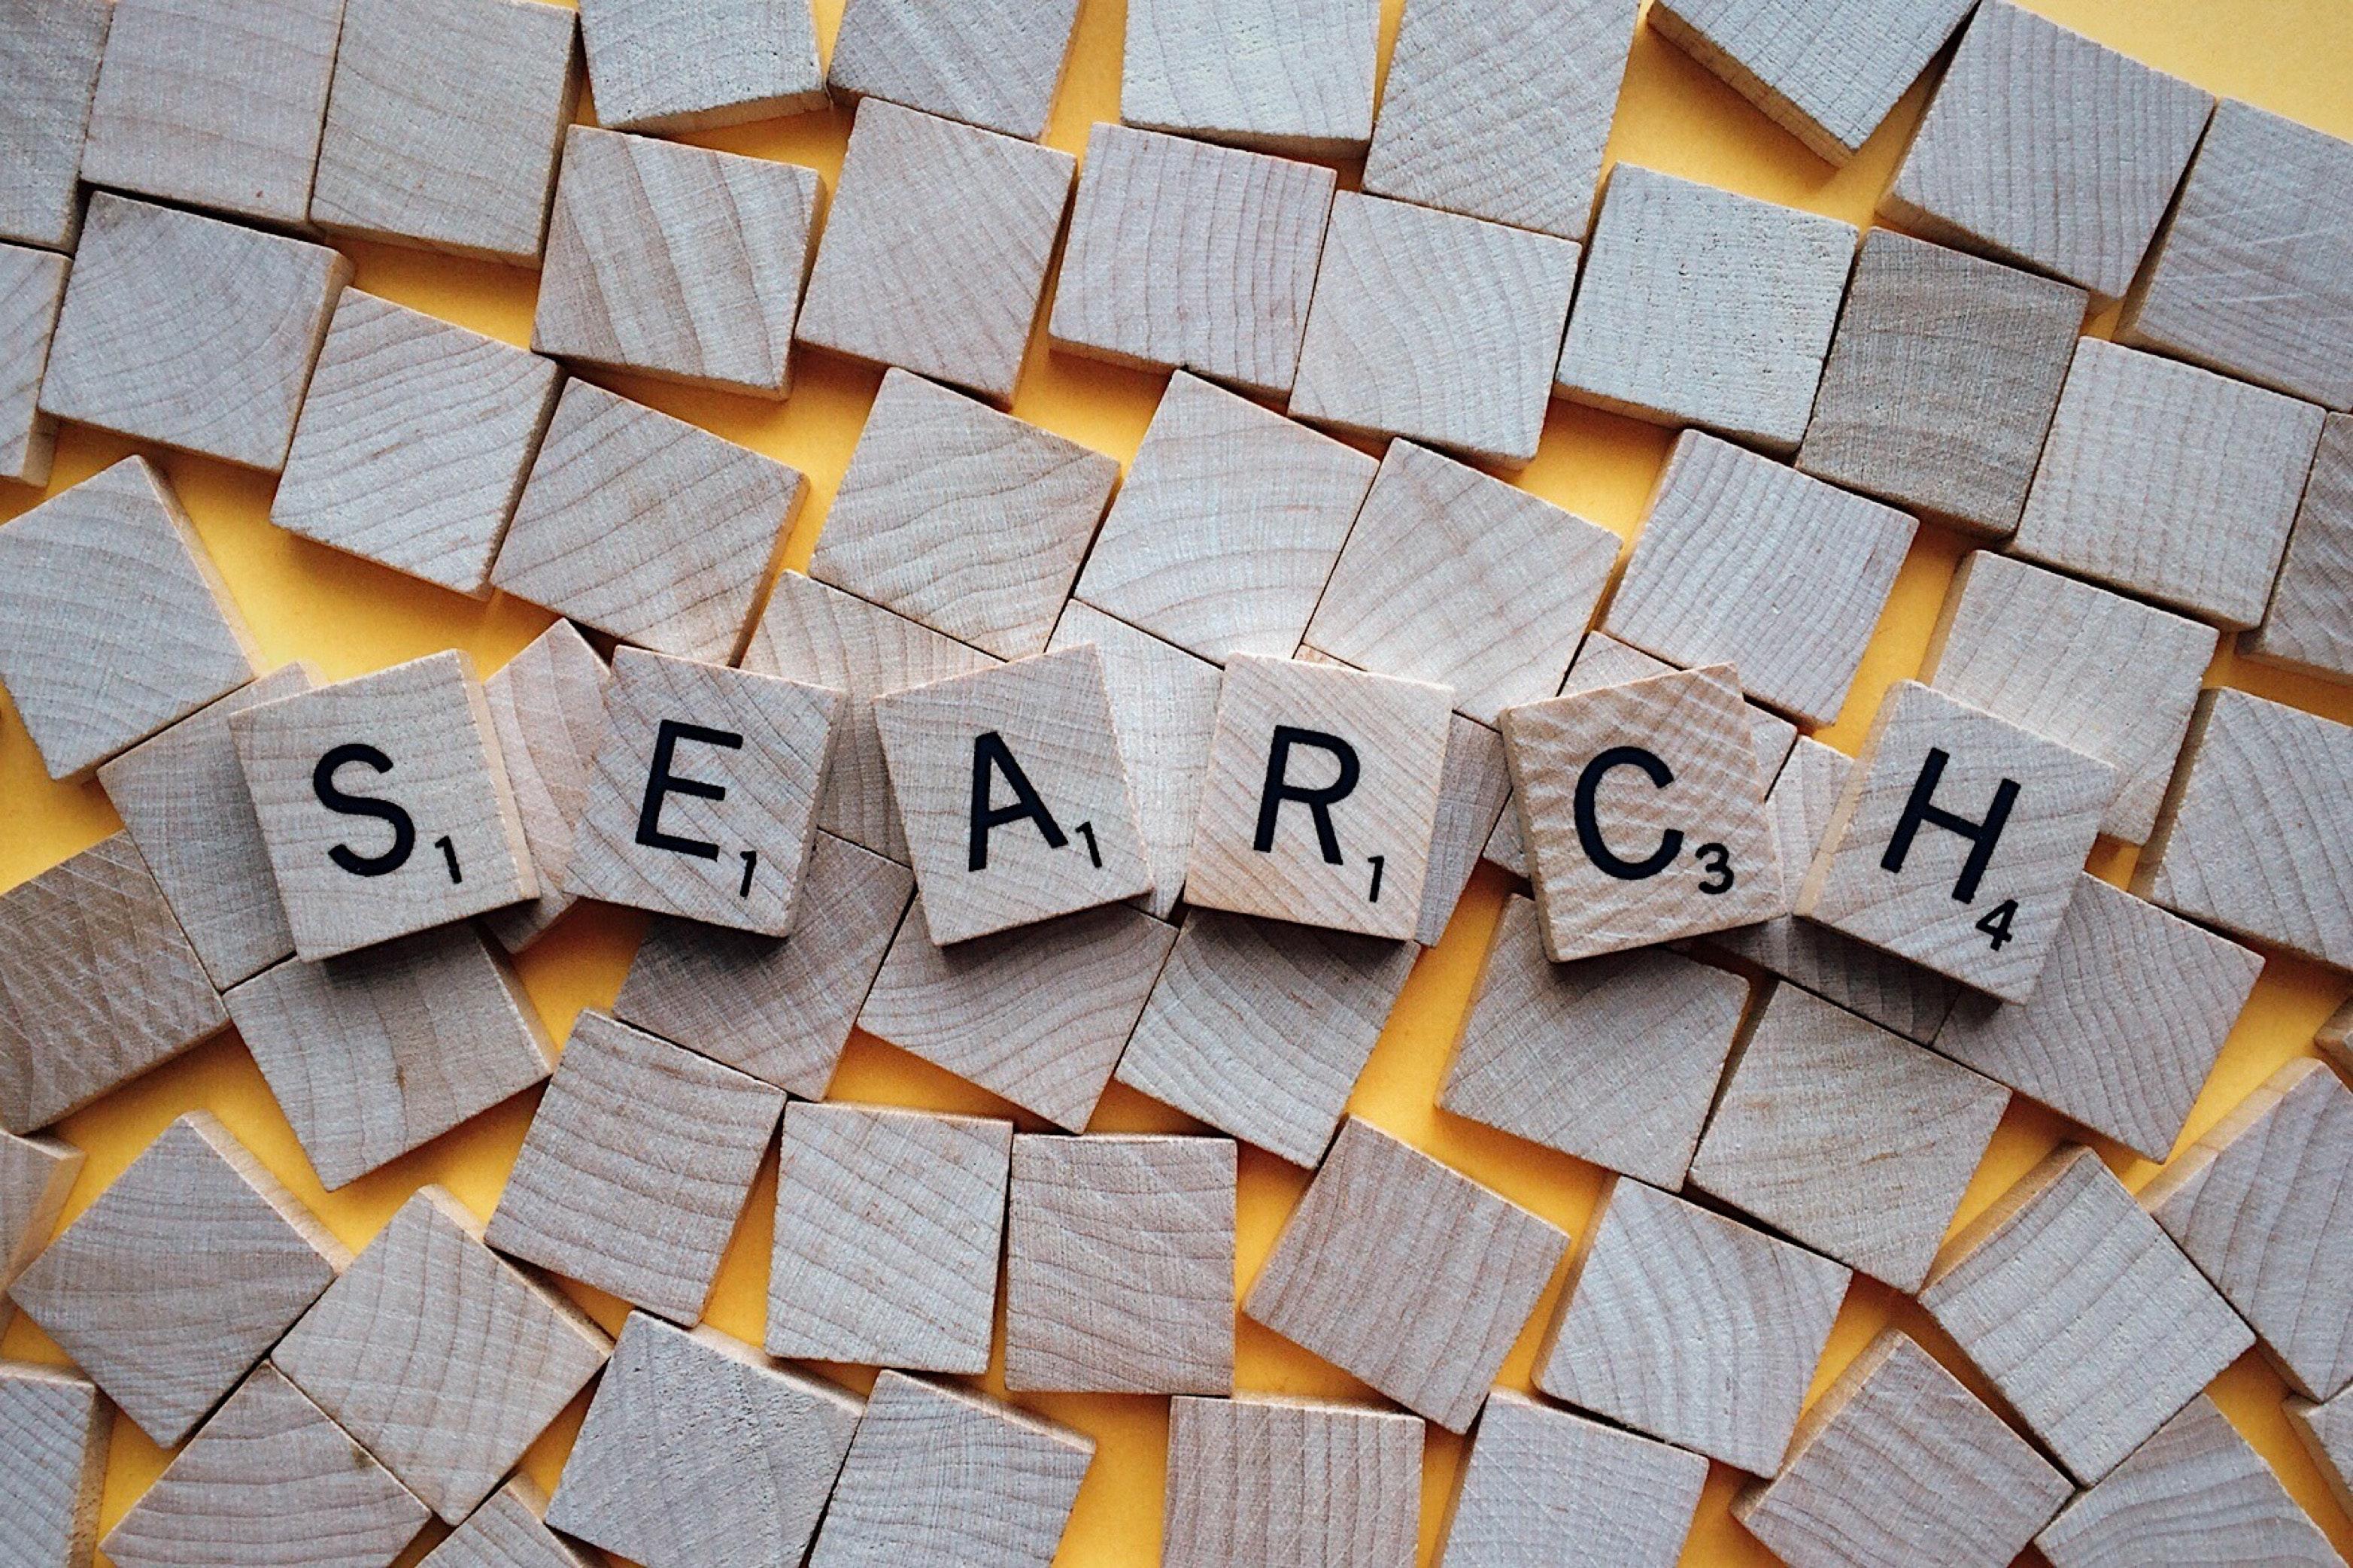 adaptivedge-search